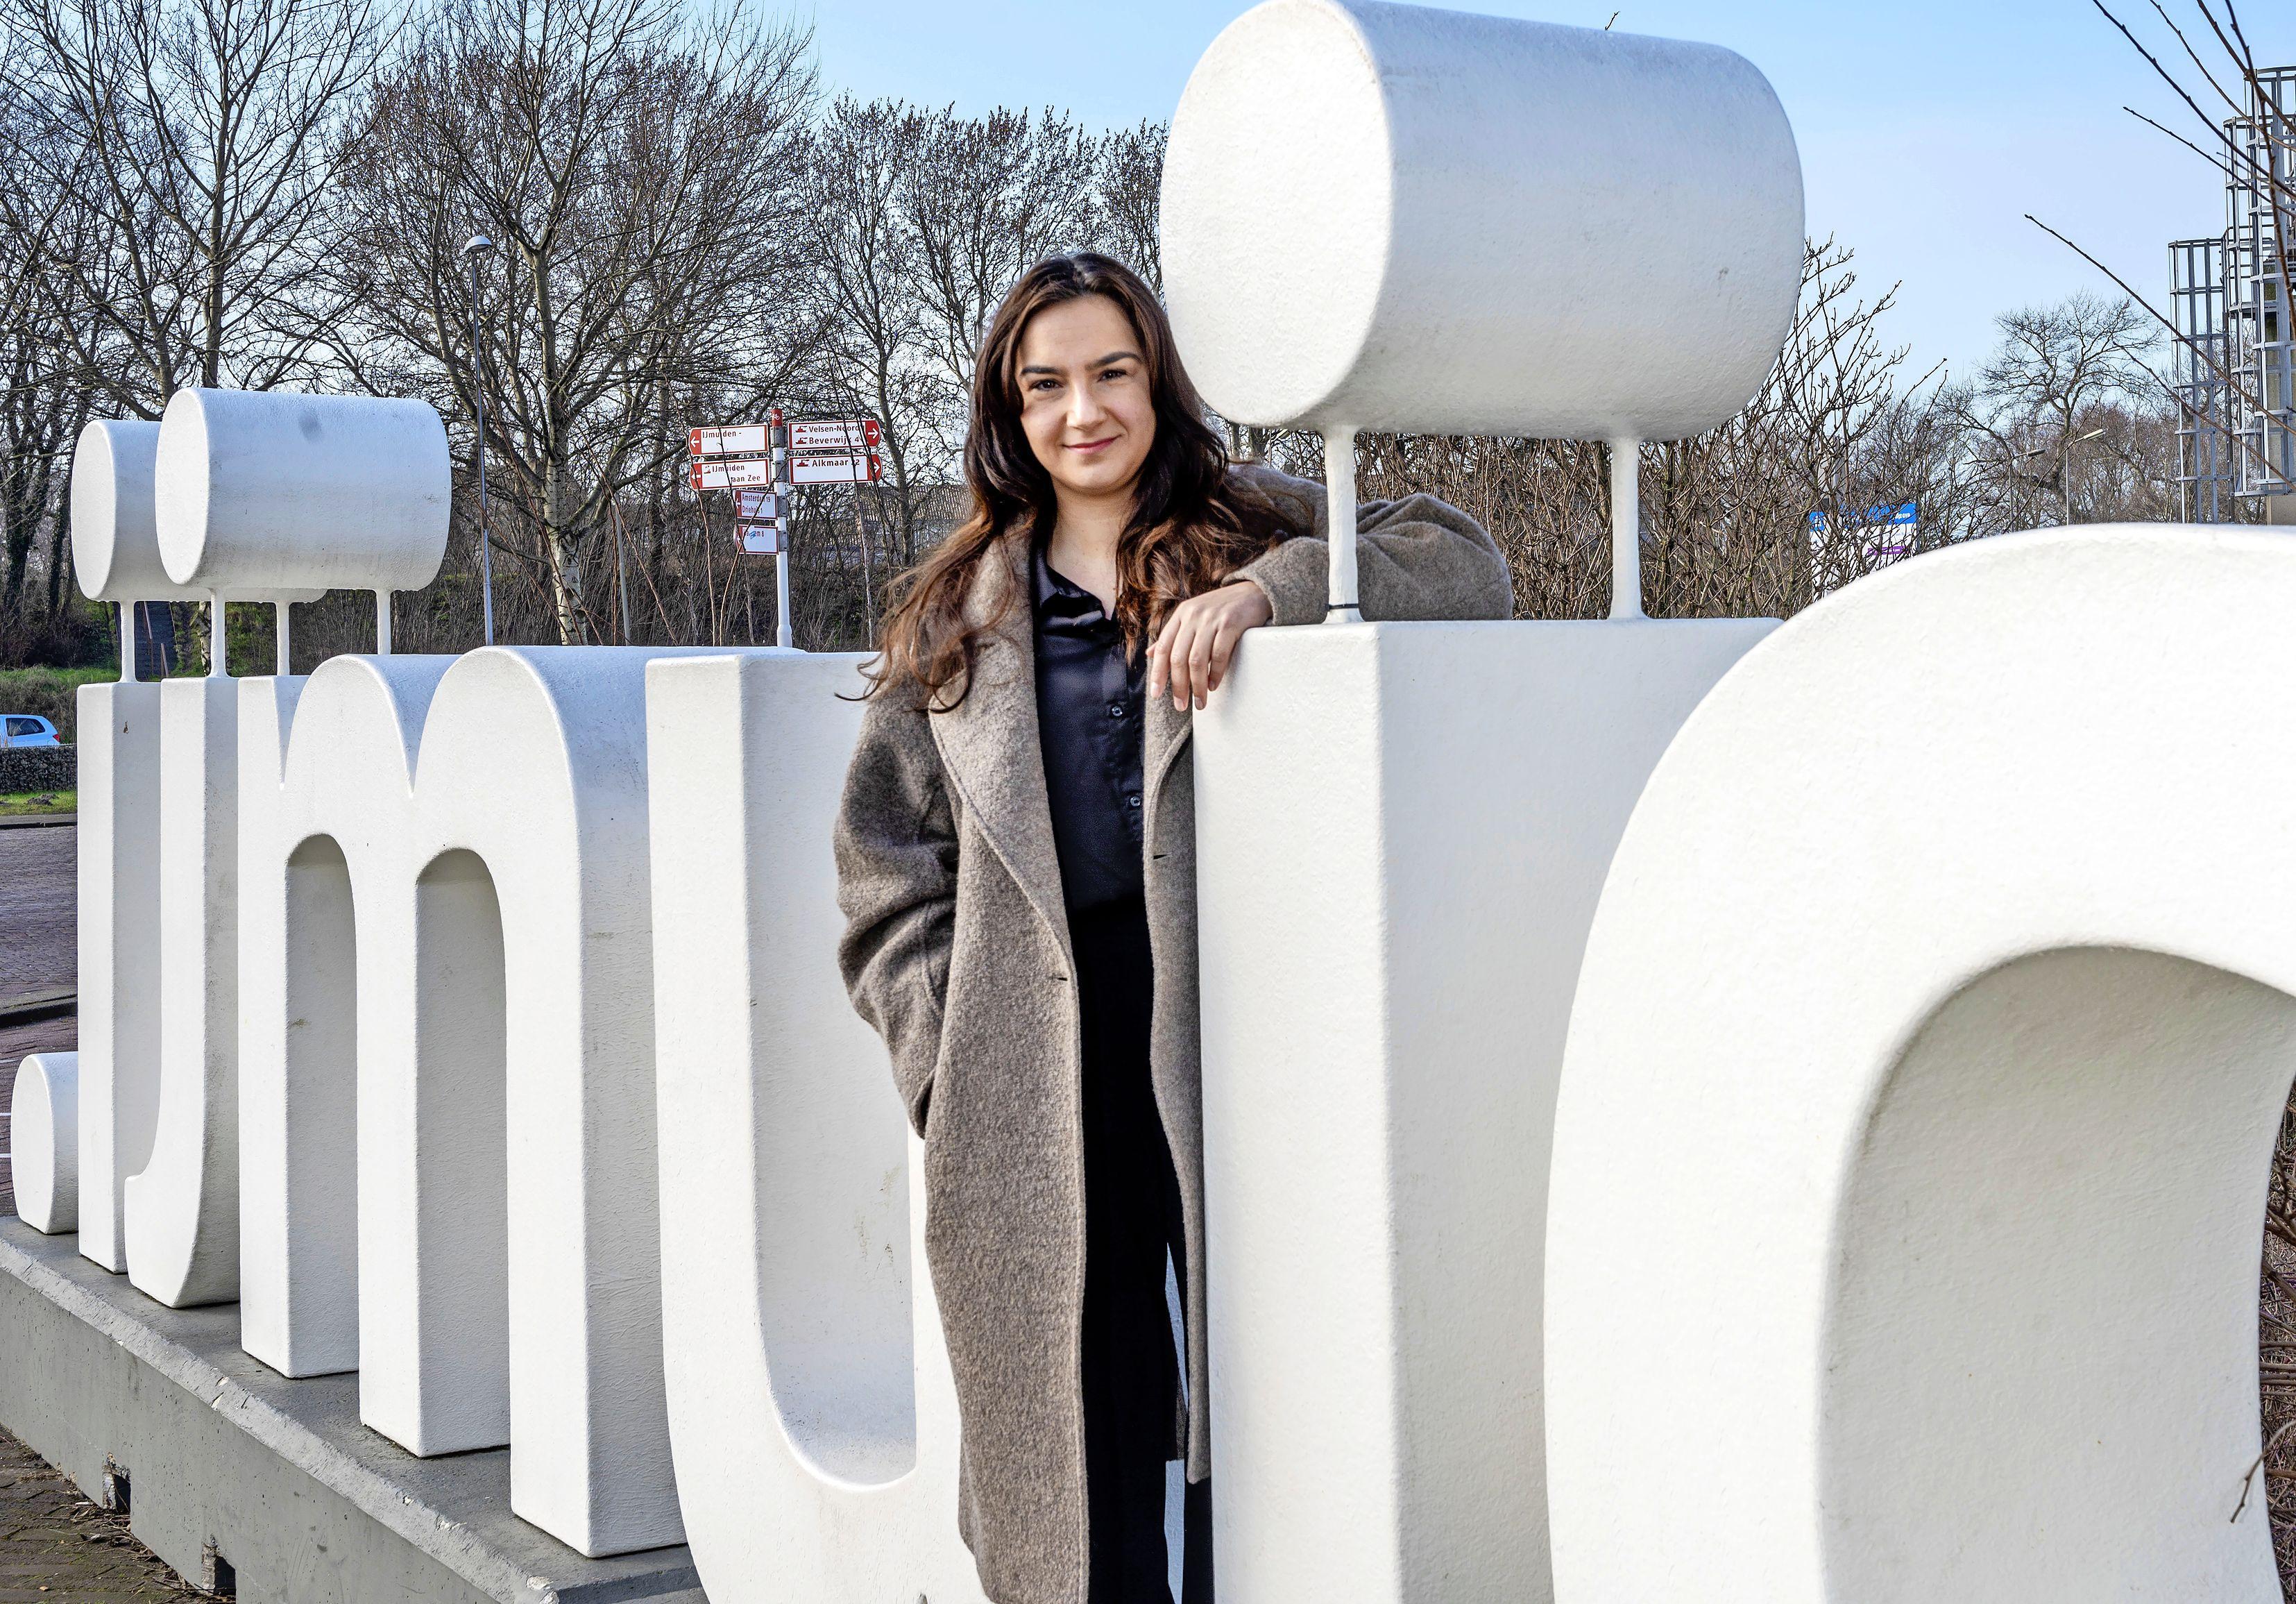 Dolblije Hülya Kat - geboren en getogen in IJmuiden - maakt zich op voor debuut in Tweede Kamer: 'Honderd procent zekerheid heb ik nog niet. Maar het ziet er heel goed uit'